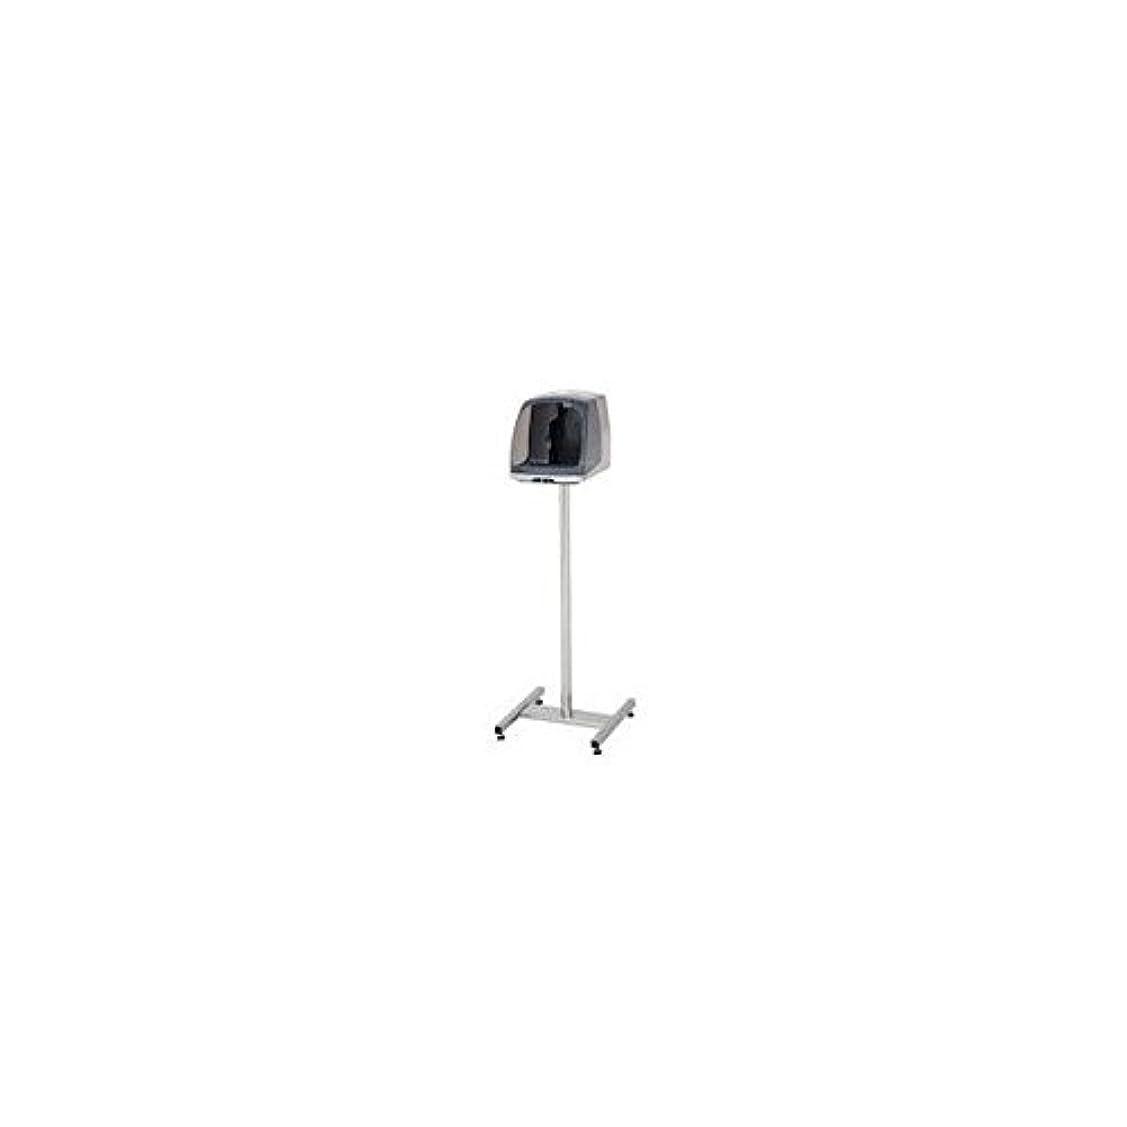 現在サスペンション雑多な自動手指消毒器 HDI-9000用 架台スタンド キャスターなし 【品番】XSY8501